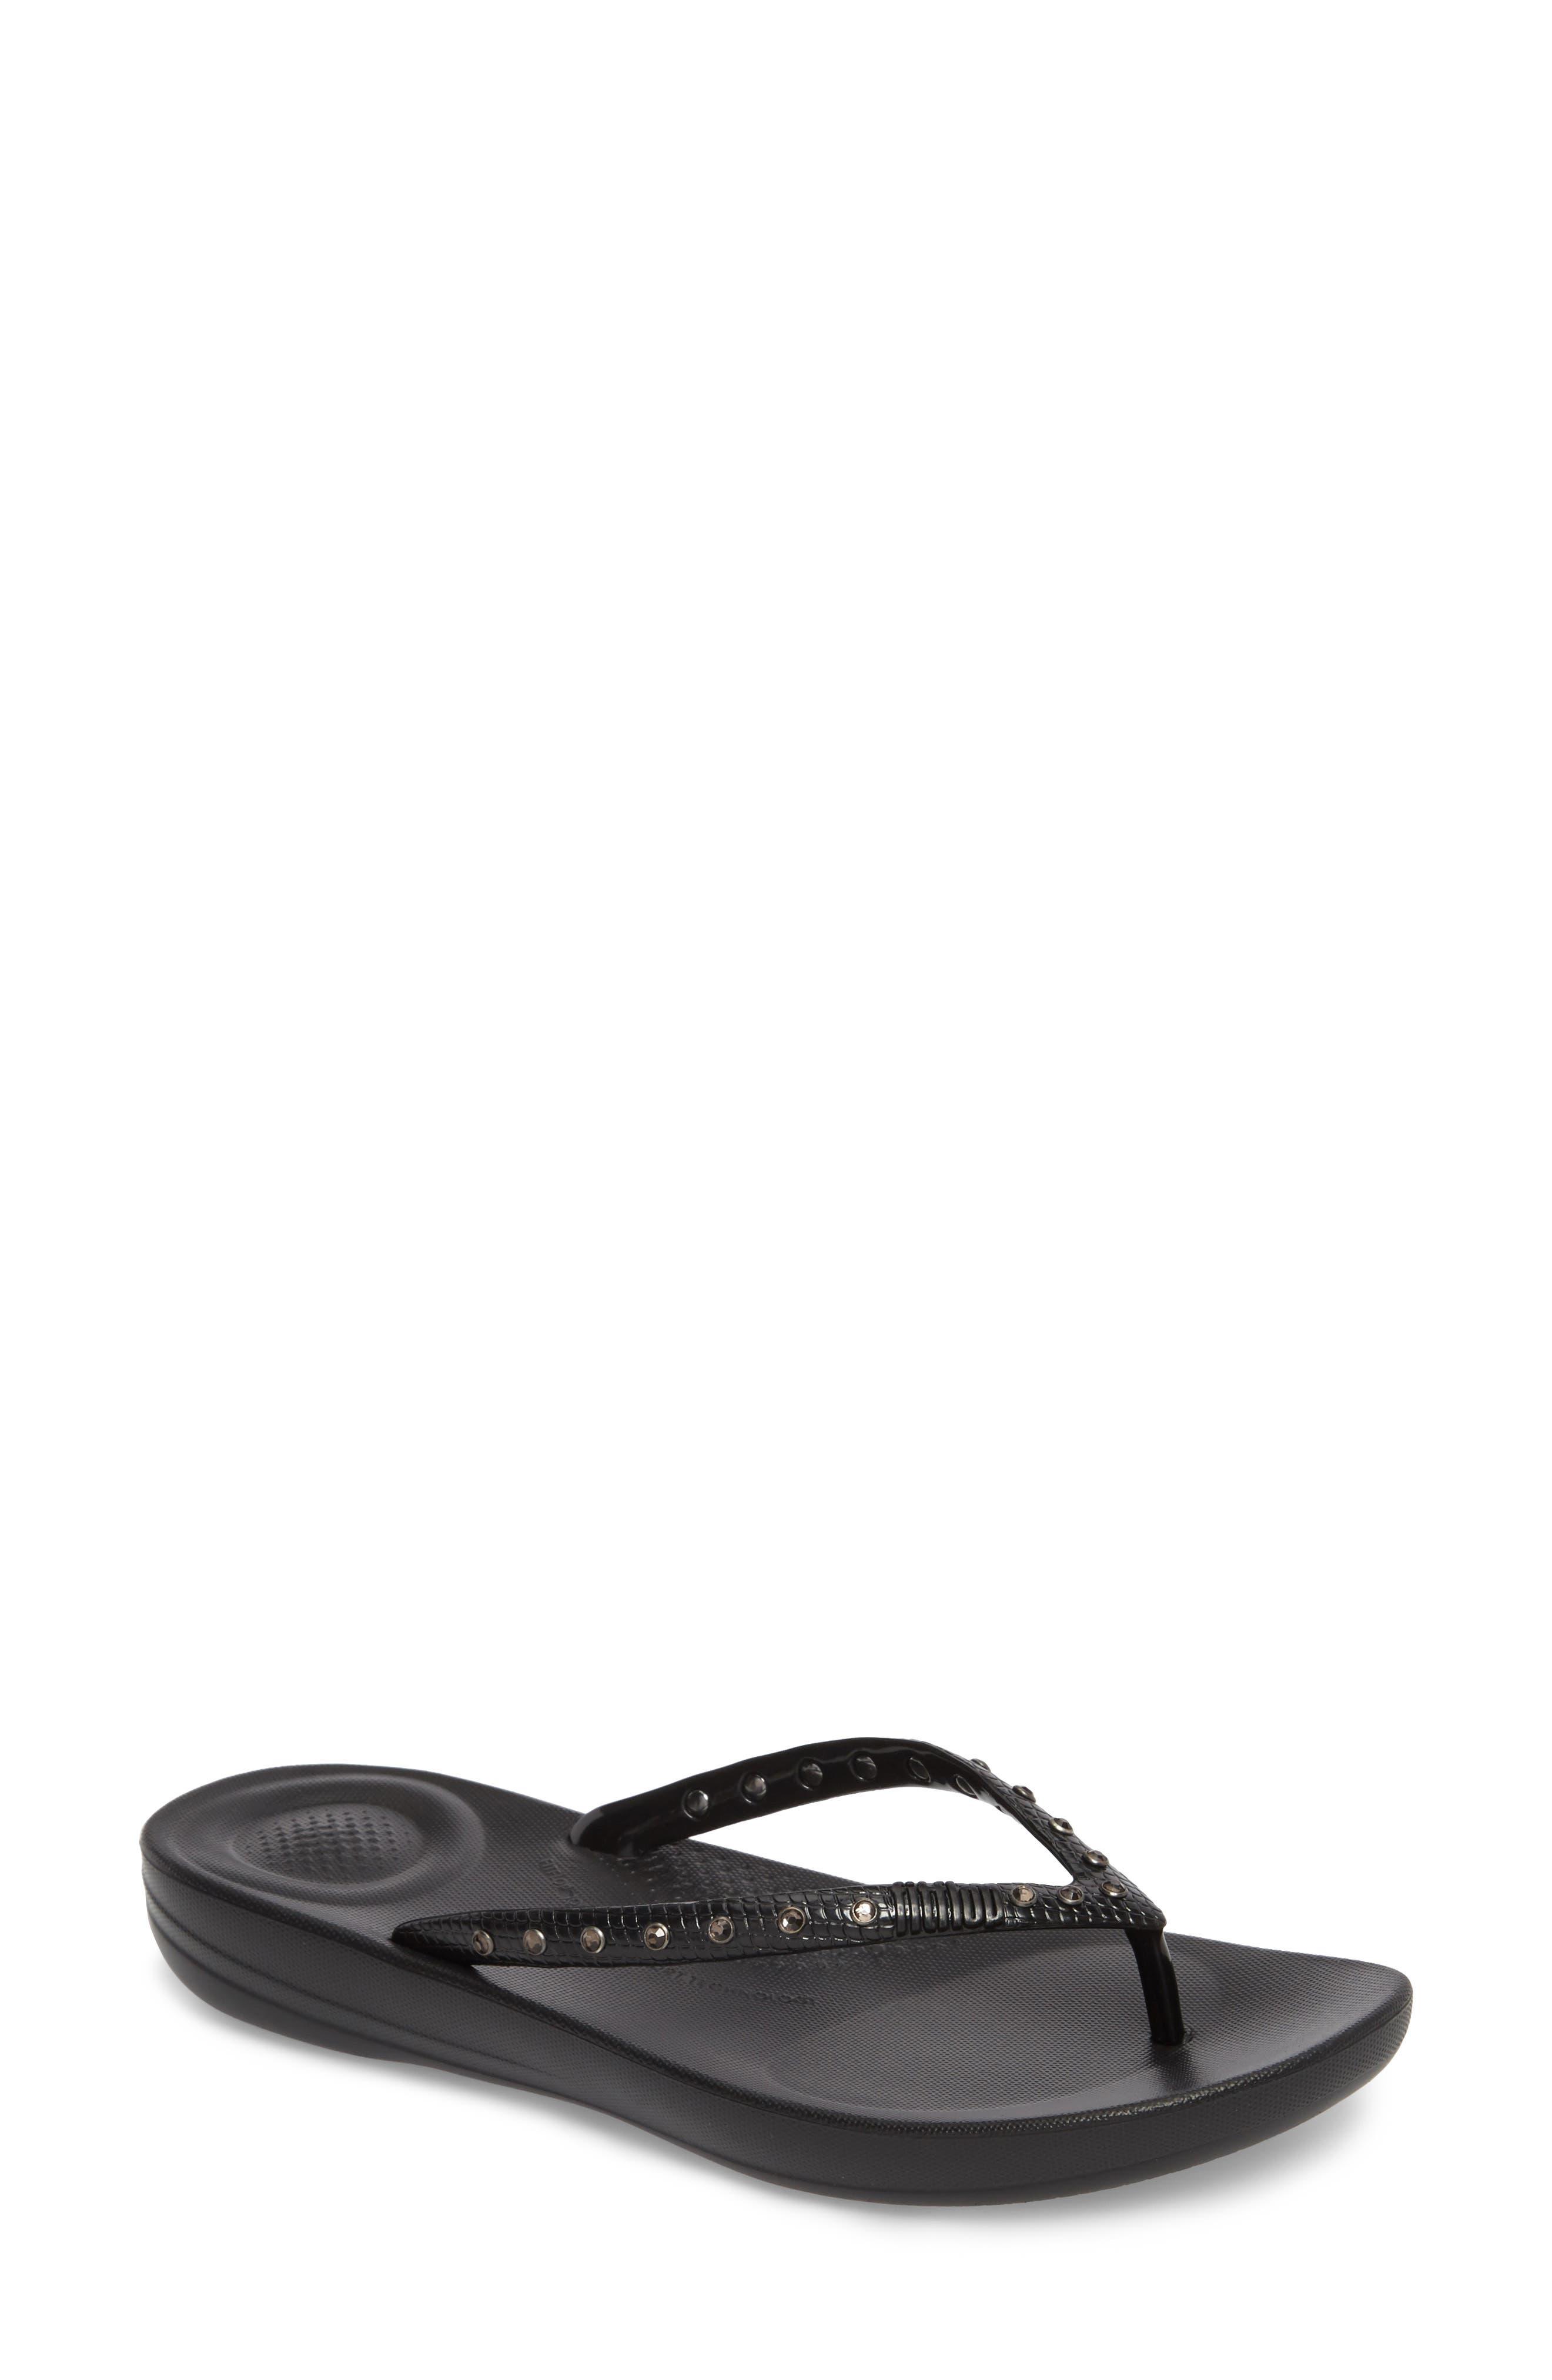 iQushion Flip Flop,                         Main,                         color, BLACK